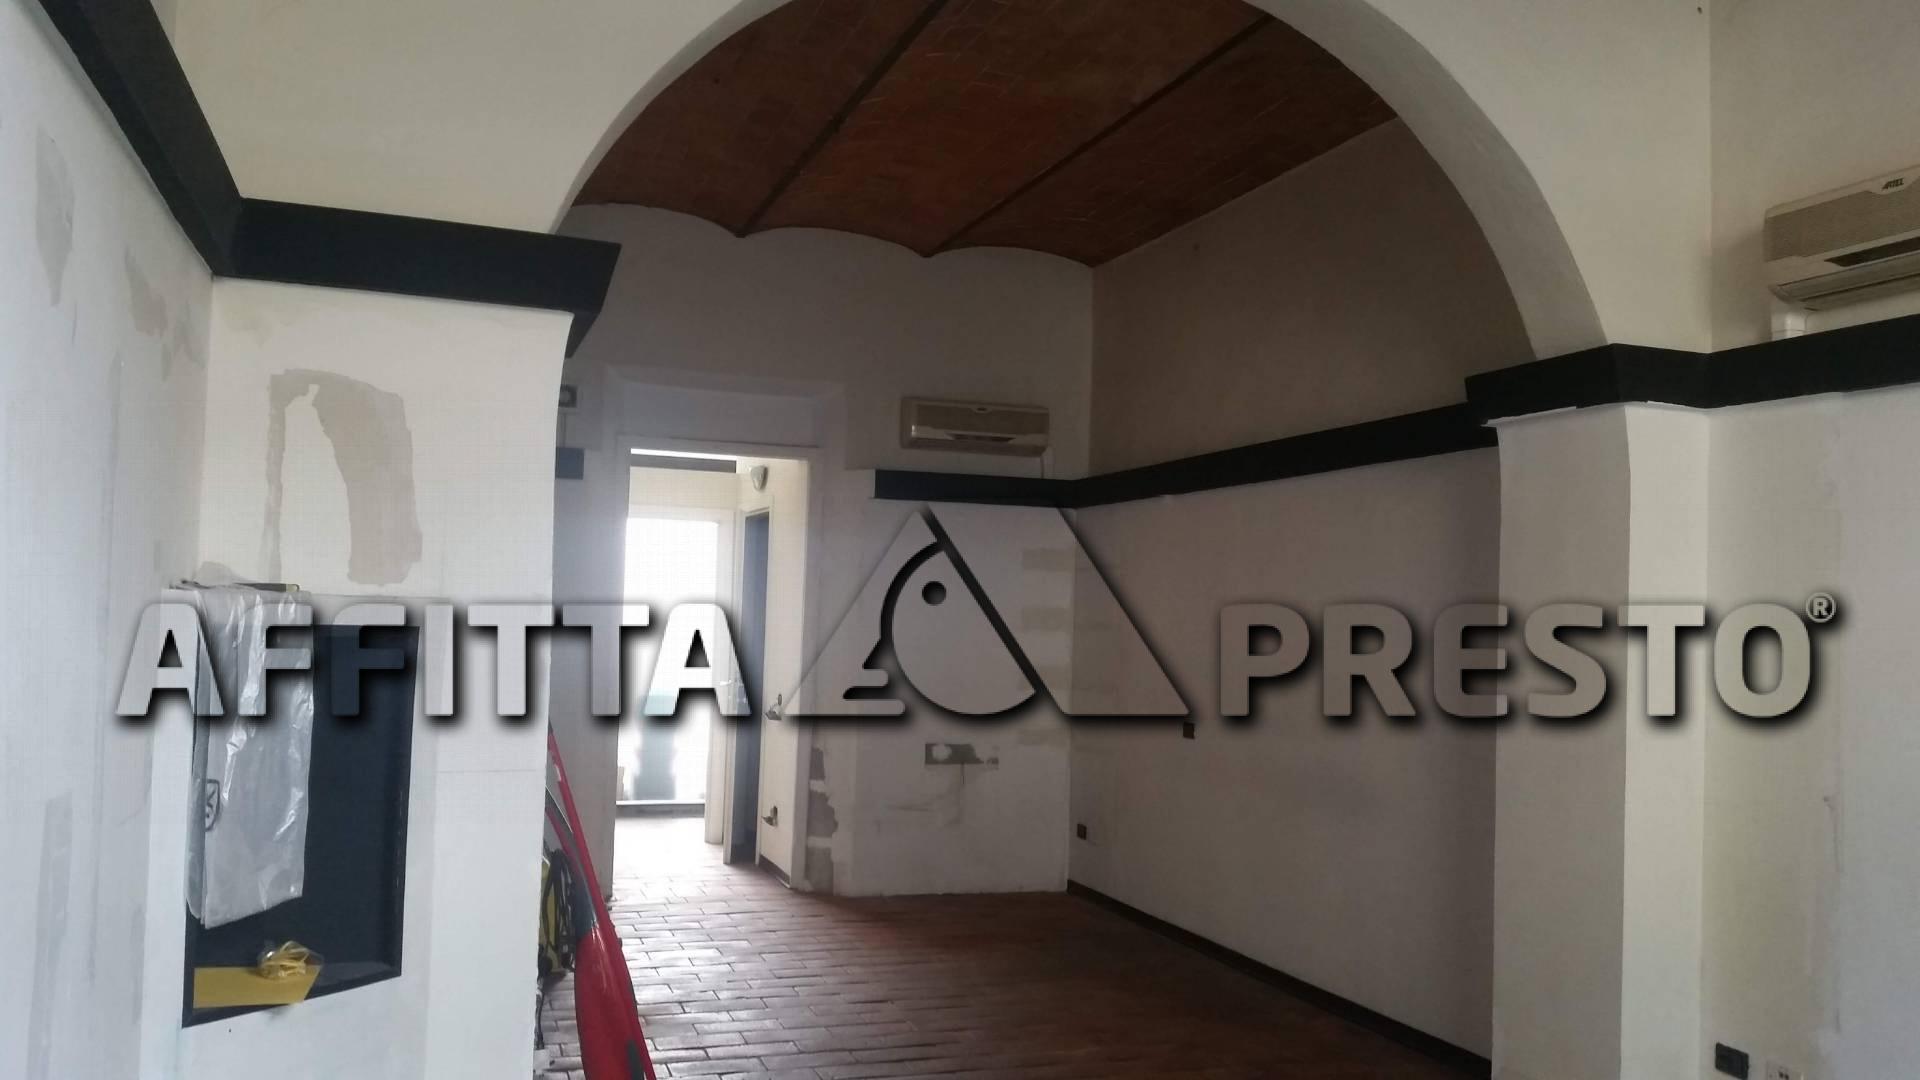 Attività commerciale in affitto a Oltrera, Pontedera (PI)